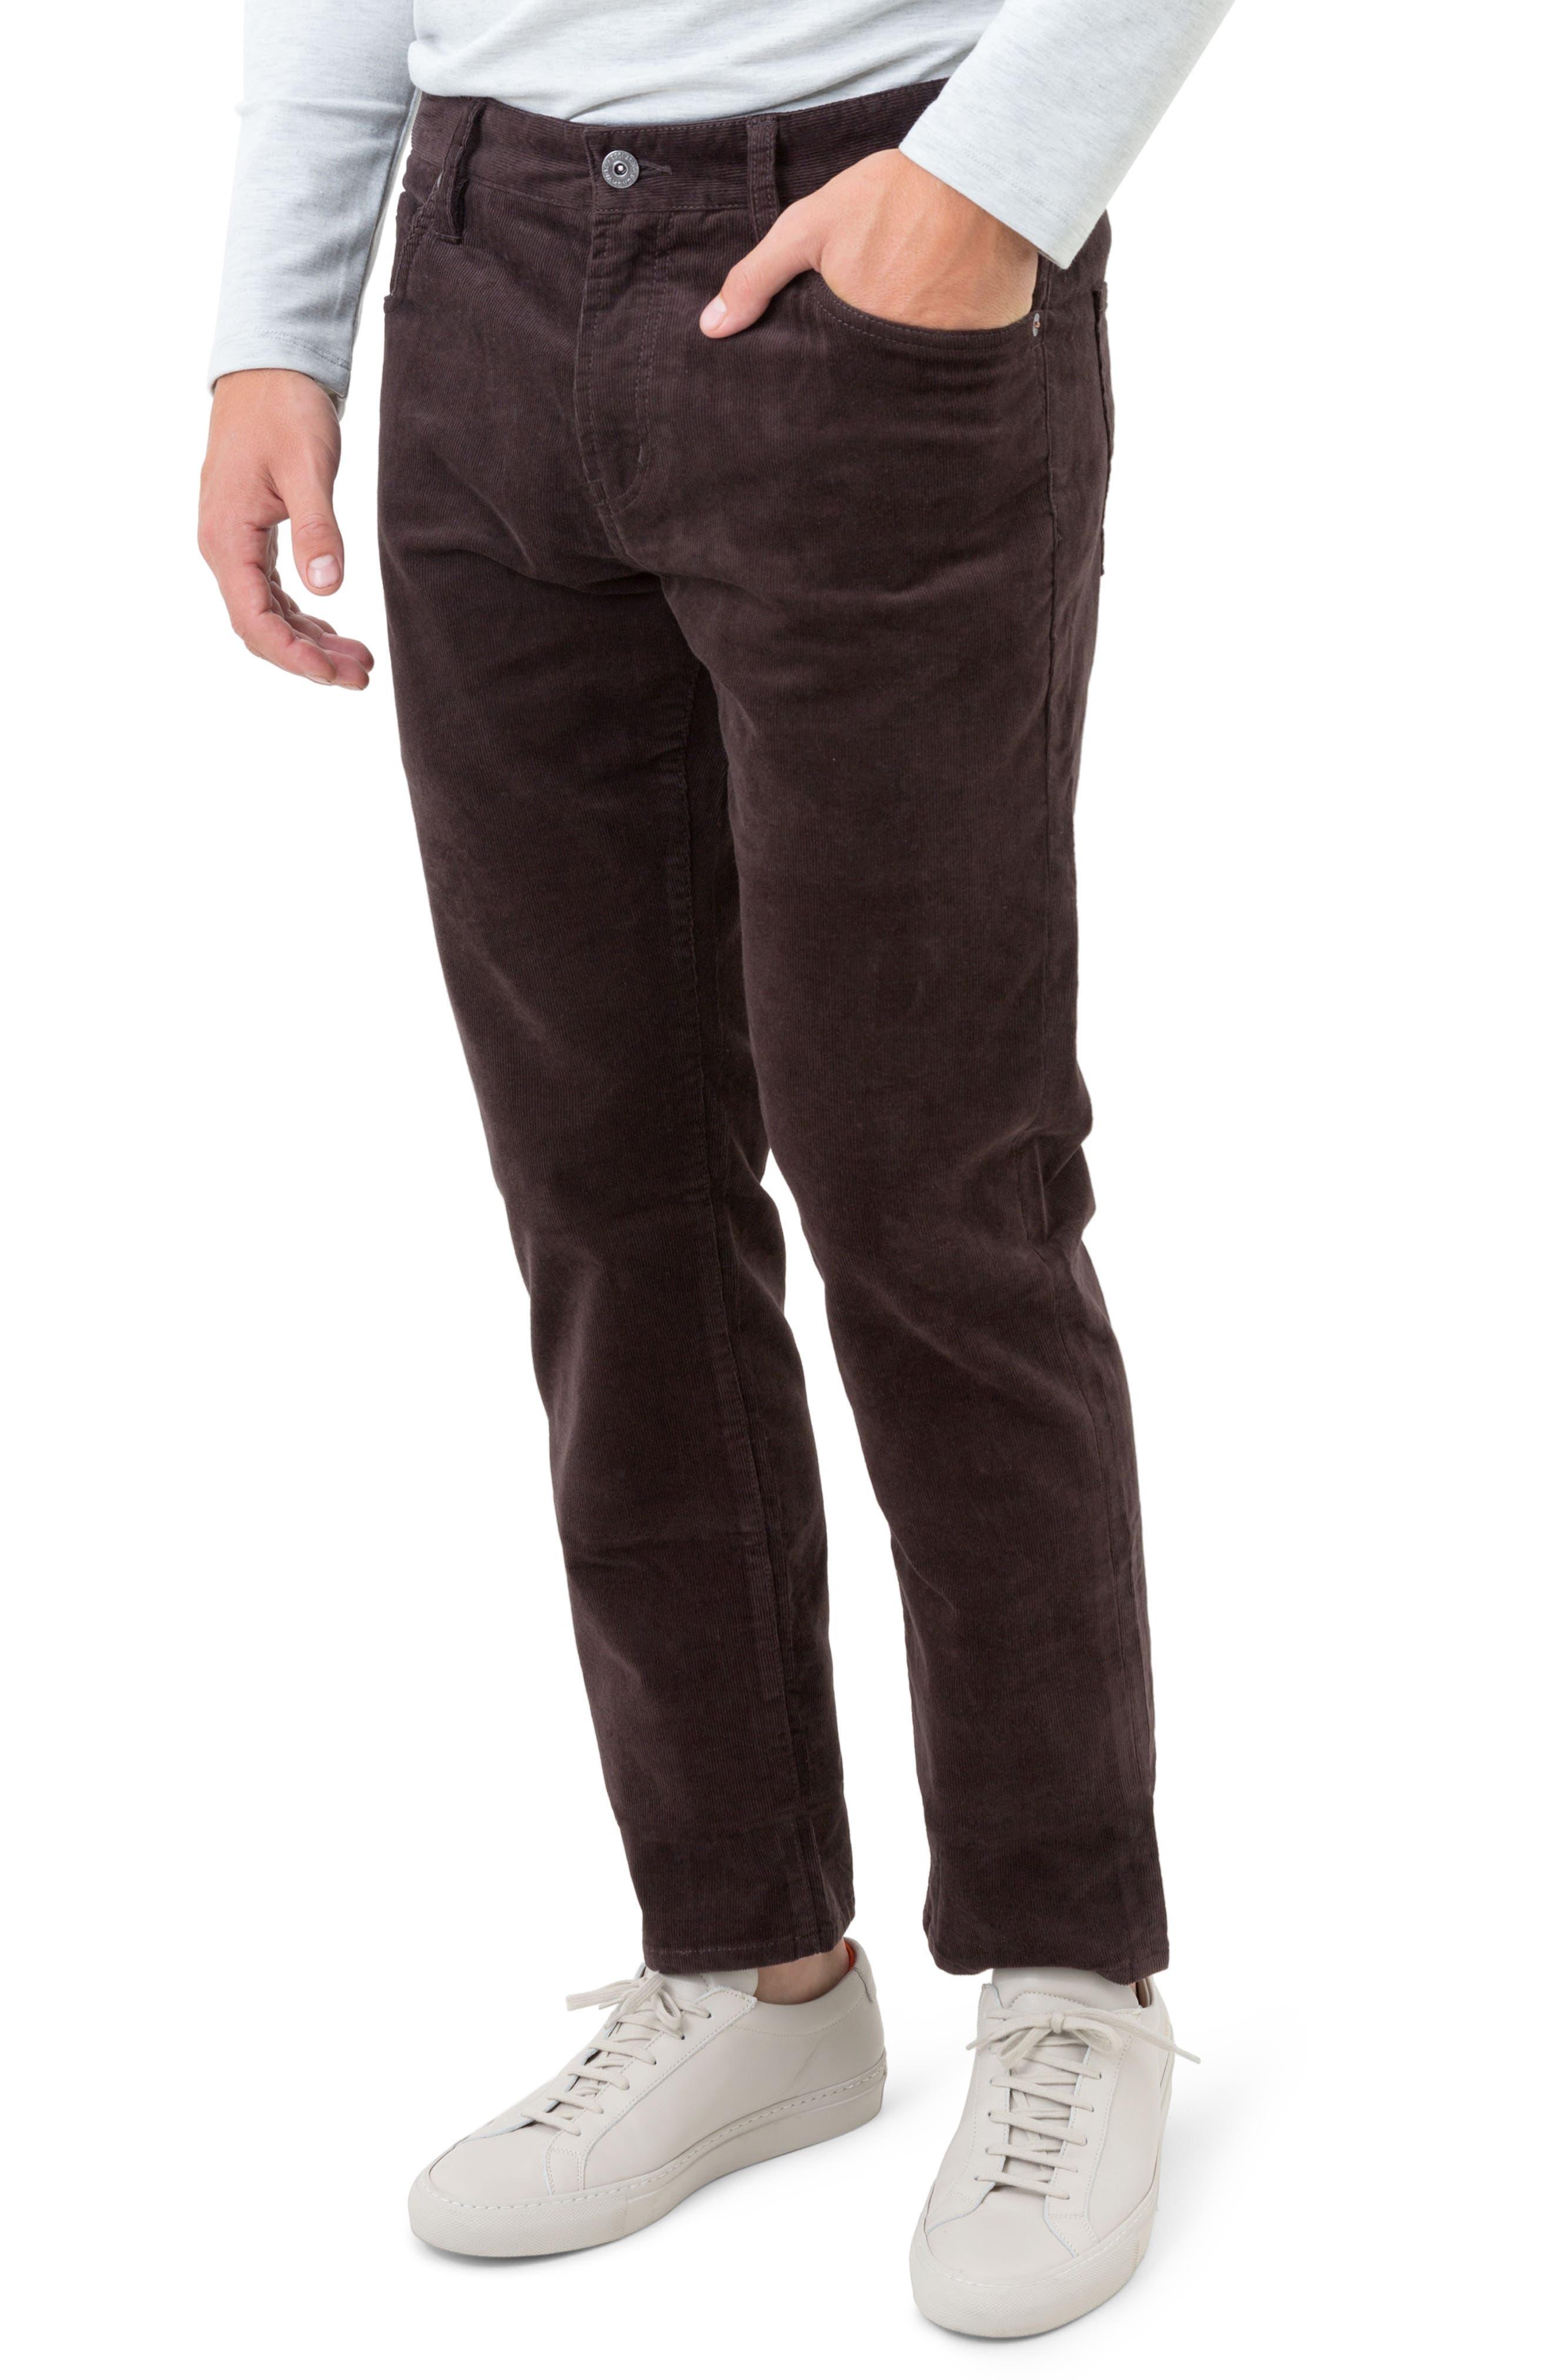 Courtland Slim Fit Corduroy Pants,                         Main,                         color, MOCHA BROWN